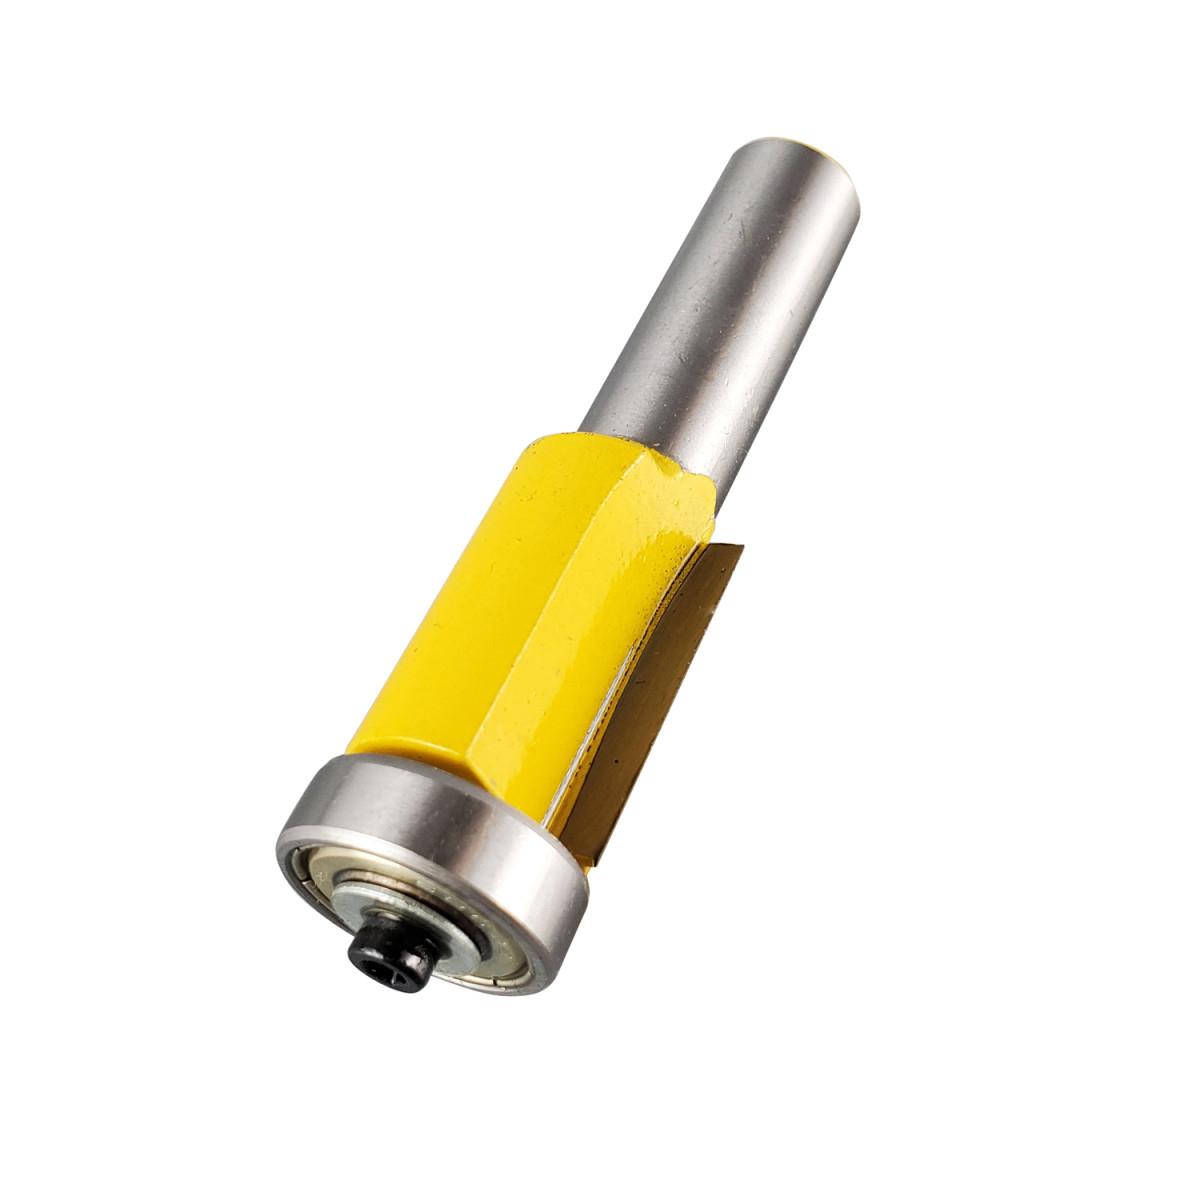 Фреза кромочная прямая 19 х 254 мм нижний подшипник хвостовик 12 мм